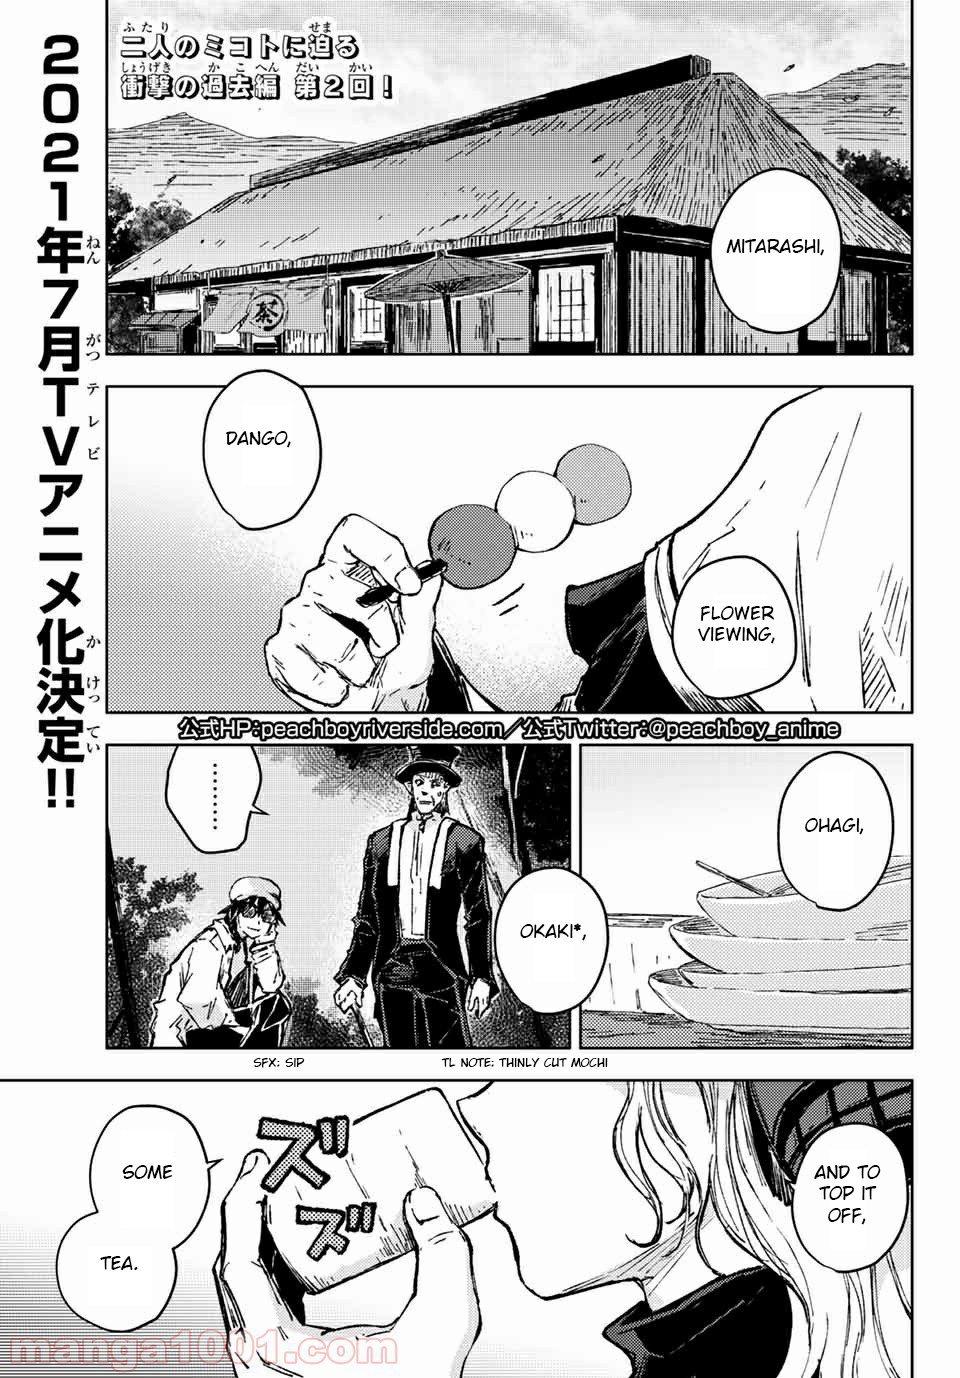 Manga Peach Boy Riverside - Chapter 35.1 Page 1